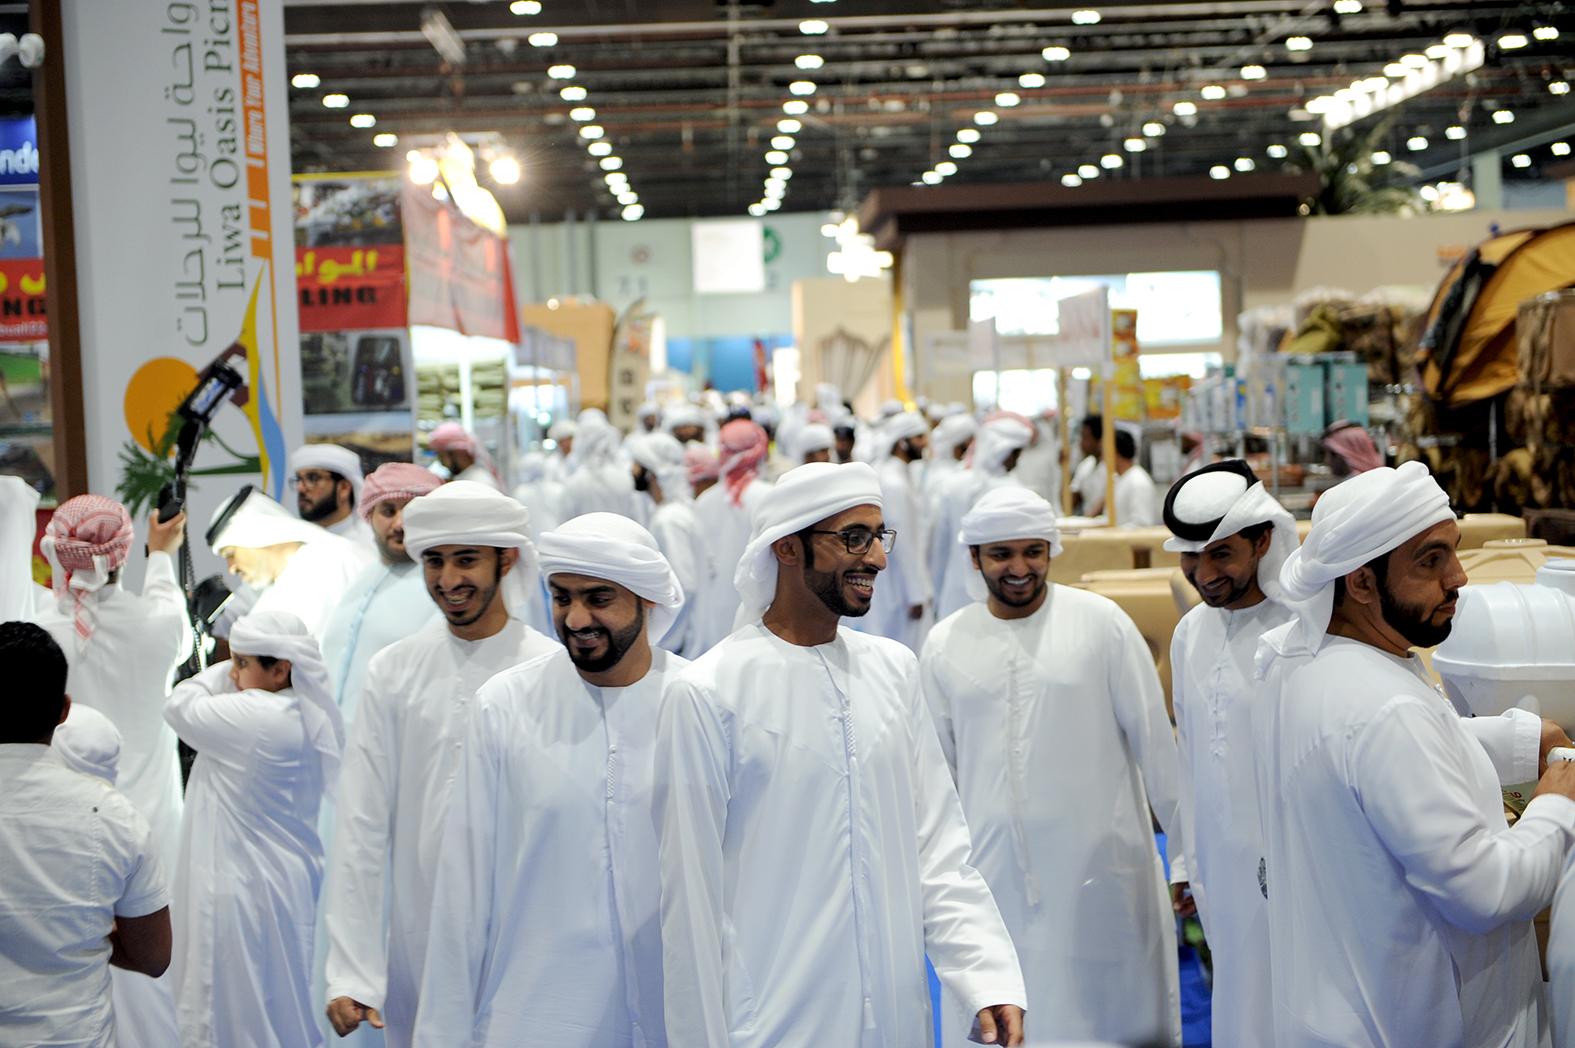 Visita de Sua Alteza Sheik Mohammed bin Zayed e Soberanos dos Emirados  Árabes Unidos e mais de 110 mil visitantes  c5d88acb311c3